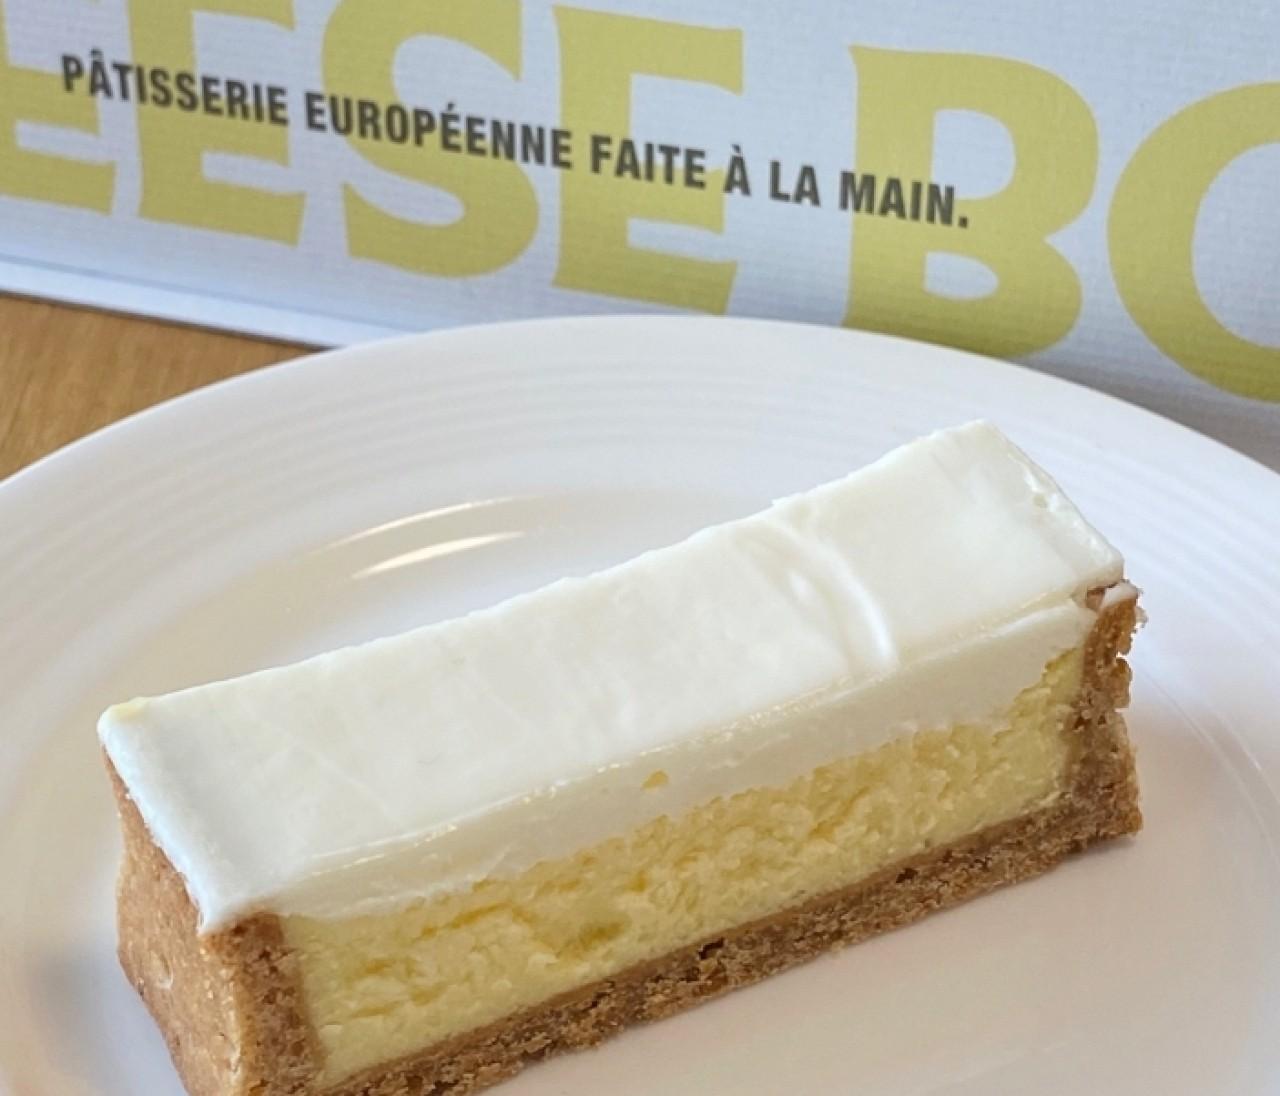 もらって嬉しいお取り寄せグルメ。濃厚かつさわやかな「まるたや洋菓子店」のチーズケーキ【エディターのおうち私物#200】